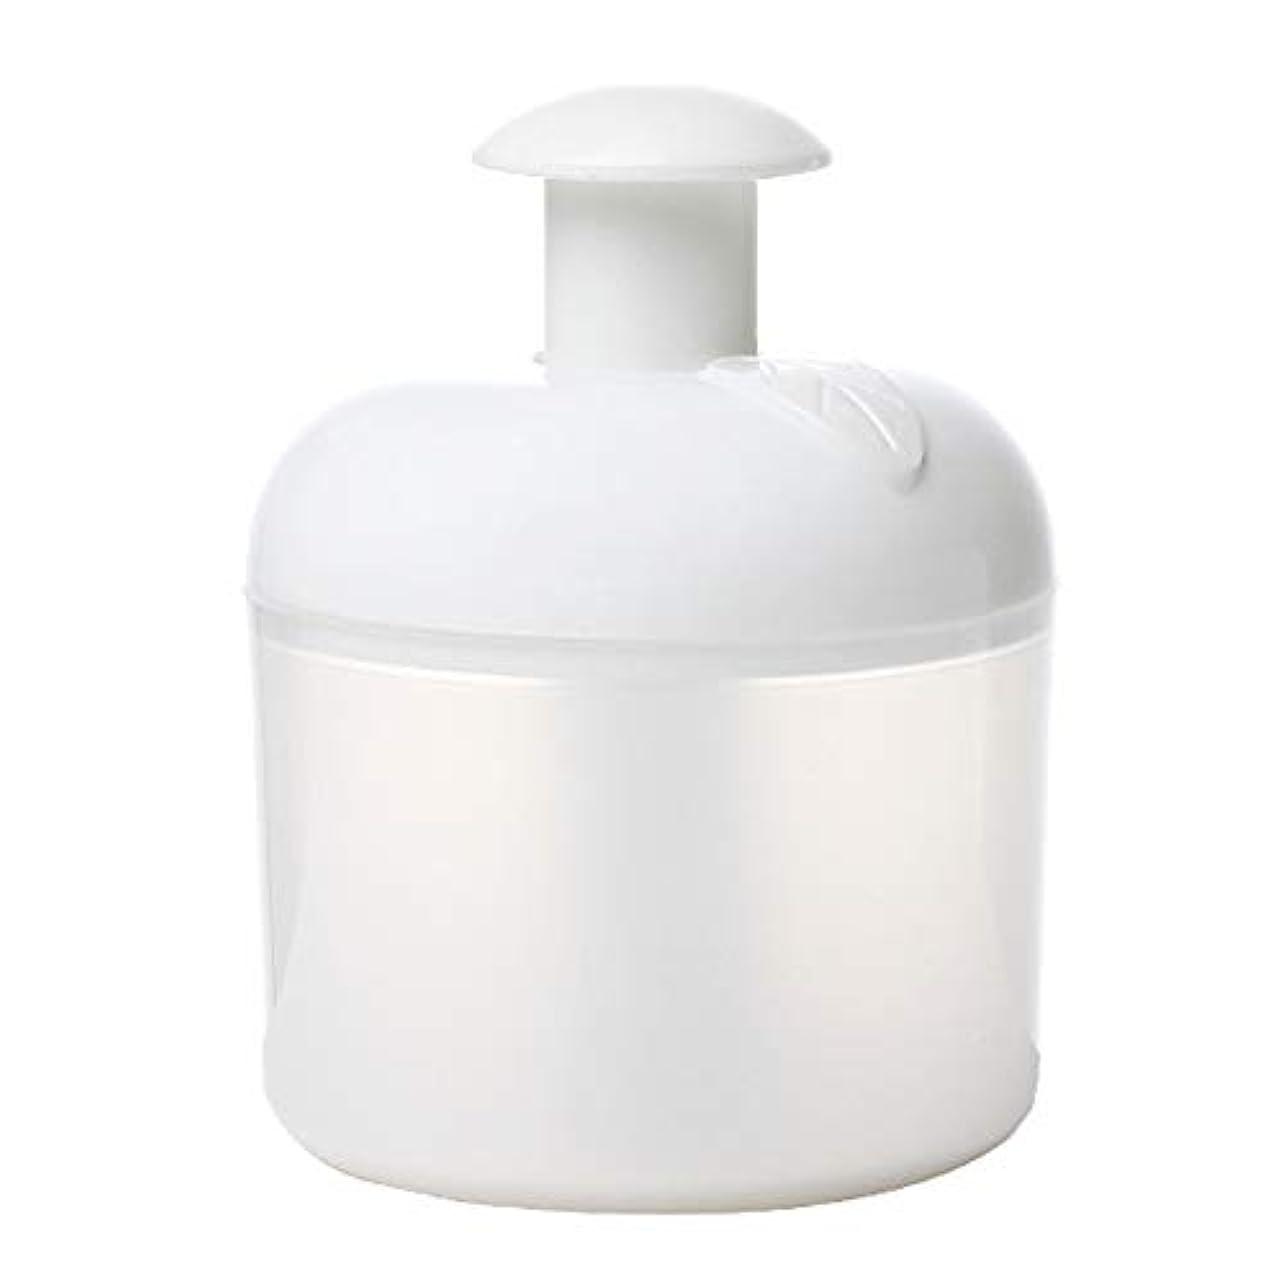 報酬頭蓋骨腹バブラー フェイシャルフォームメーカー バブルメーカーカップ フェイシャルスキンケ アクレンジングツール 洗顔用 白